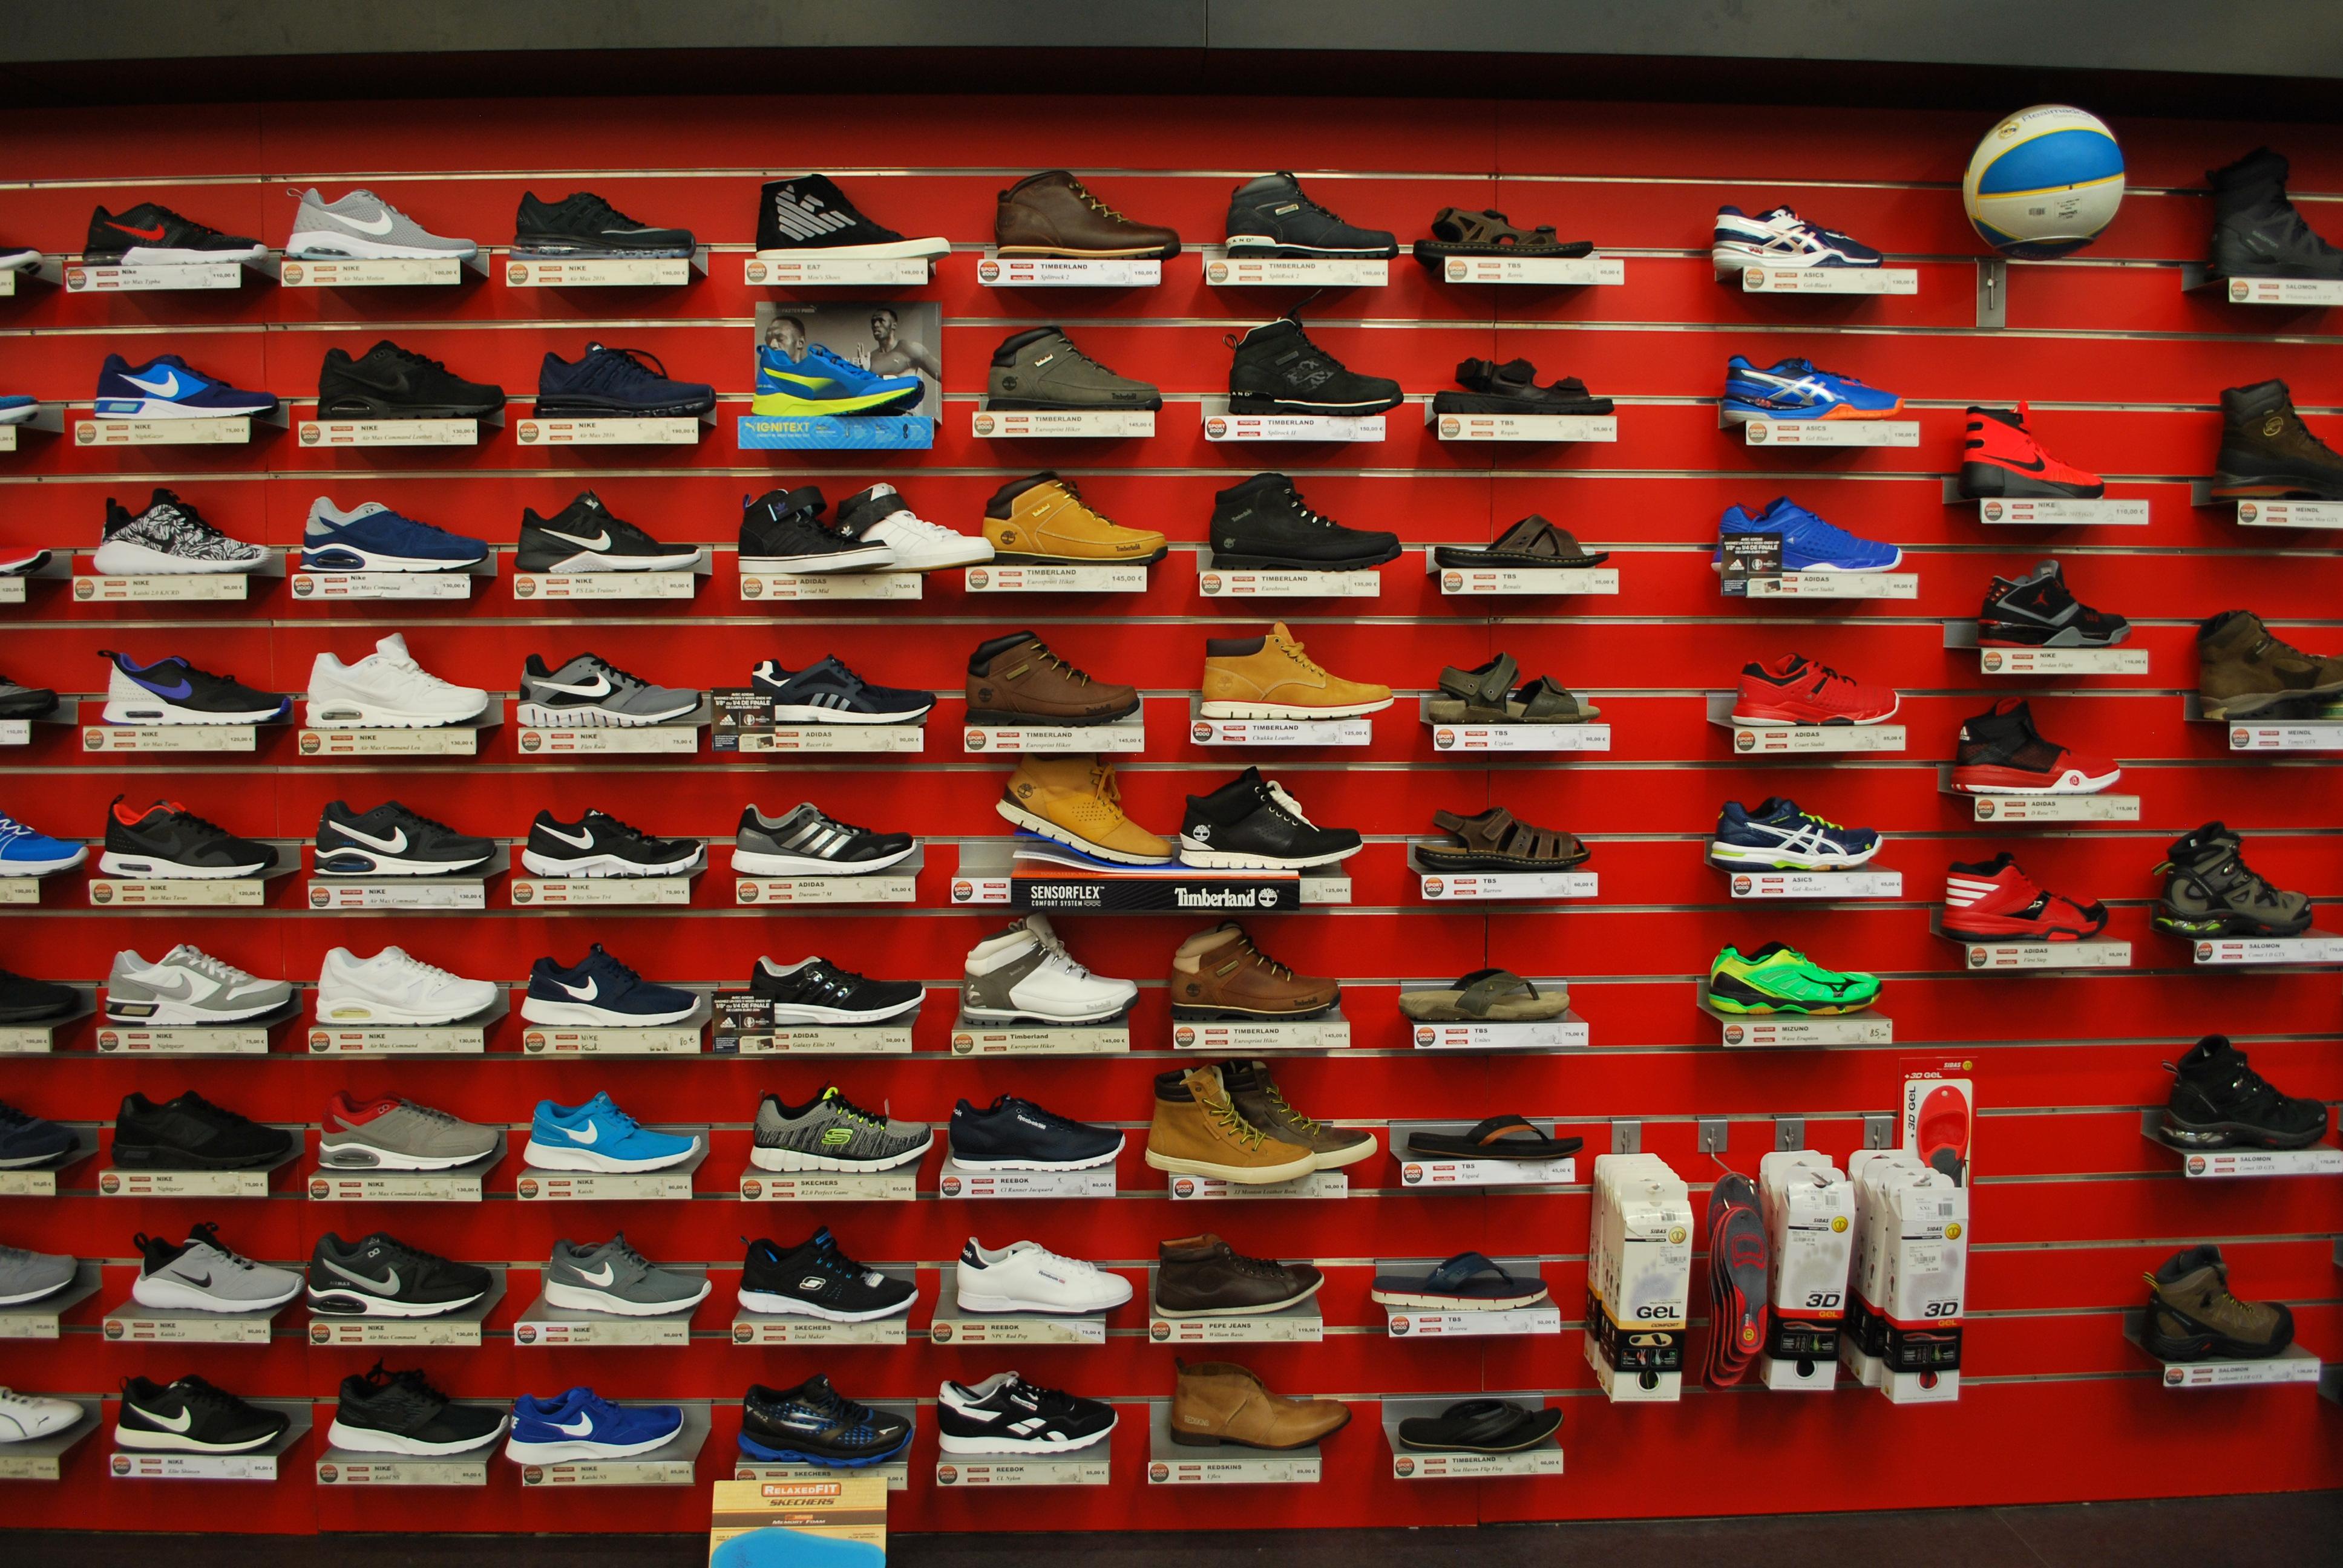 Dernière Collection chaussure lacoste sport 2000 - chaussure lacoste sport  2000 impact tr noir.chaussure lacoste sport 2000 se concentre sur l effort  de ... f8a1d8415cc1